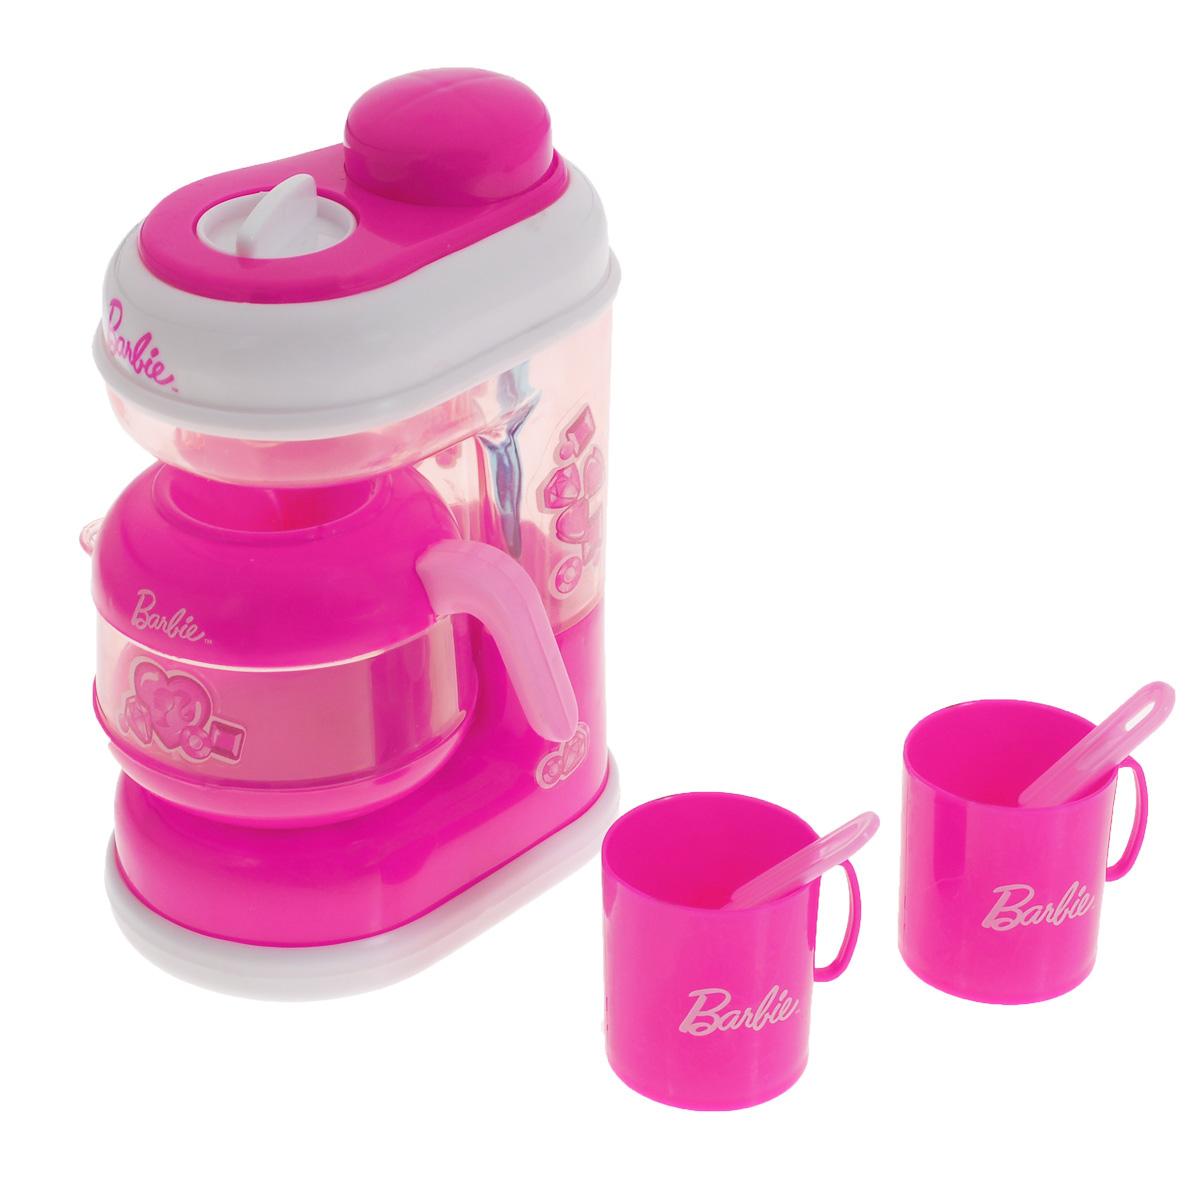 Кофемашина Barbie, с аксессуарамиJRFCOFFE-BBКофемашина Barbie непременно понравится вашей маленькой хозяюшке и не позволит ей скучать. Кофемашина выполнена из прочного безопасного пластика розового цвета. Чтобы включить игрушку, поверните ручку, расположенную в верхней части корпуса. При нажатии большой розовой кнопки сверху, включится подсветка и раздадутся реалистичные звуки льющейся воды. Такая игрушка поможет ребенку развить звуковое восприятие, мелкую моторику рук и координацию движений, а также станет важным элементом сюжетно-ролевых игр и познакомит ребенка с работой настоящих бытовых приборов. Игра с такой кухонной техникой превратится в увлекательное событие, которое обязательно порадует ребенка. Рекомендуется докупить 2 батарейки типа АА (товар комплектуется демонстрационными).